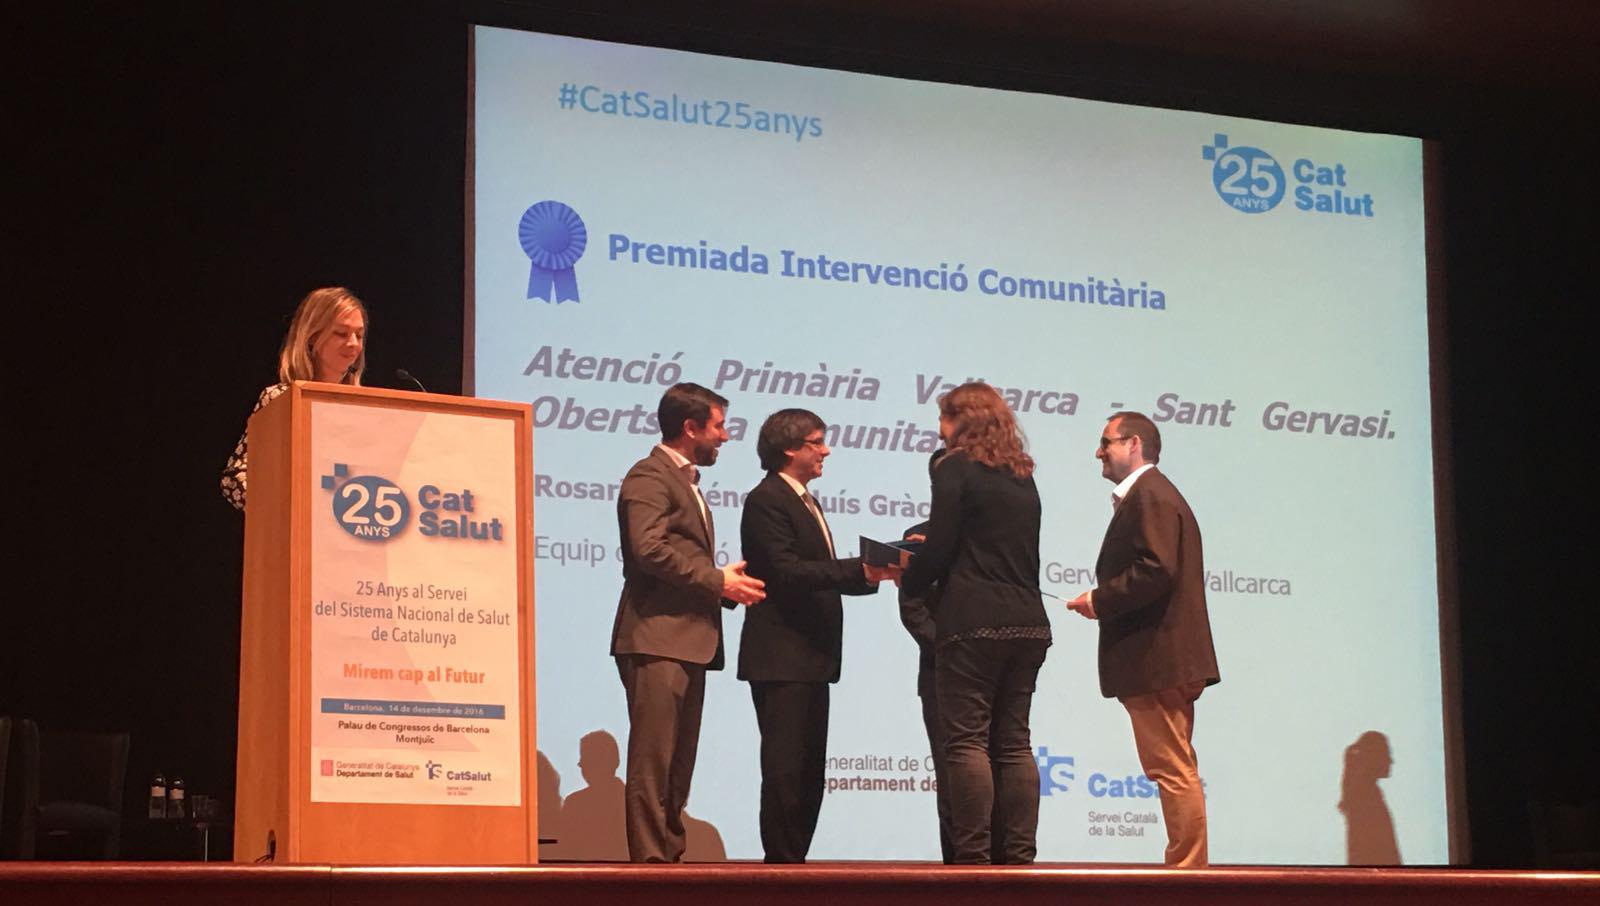 Premi a la millor intervenció en comunitària - Atenció Primària Vallcarca Sant Gervasi